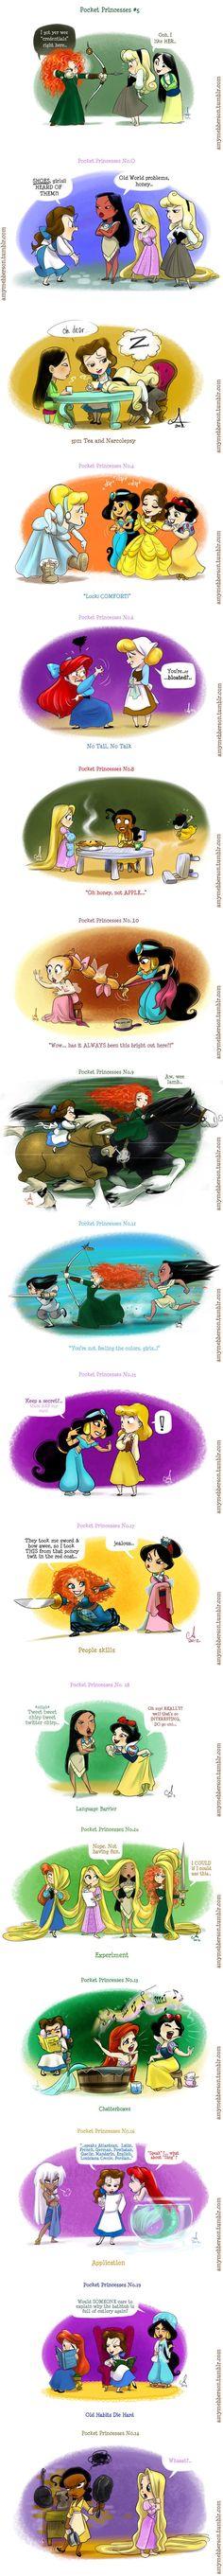 Funny Disney Pocket Princesses Comics http://geektyrant.com/news/2012/6/3/funny-disney-pocket-princesses-comics.html: